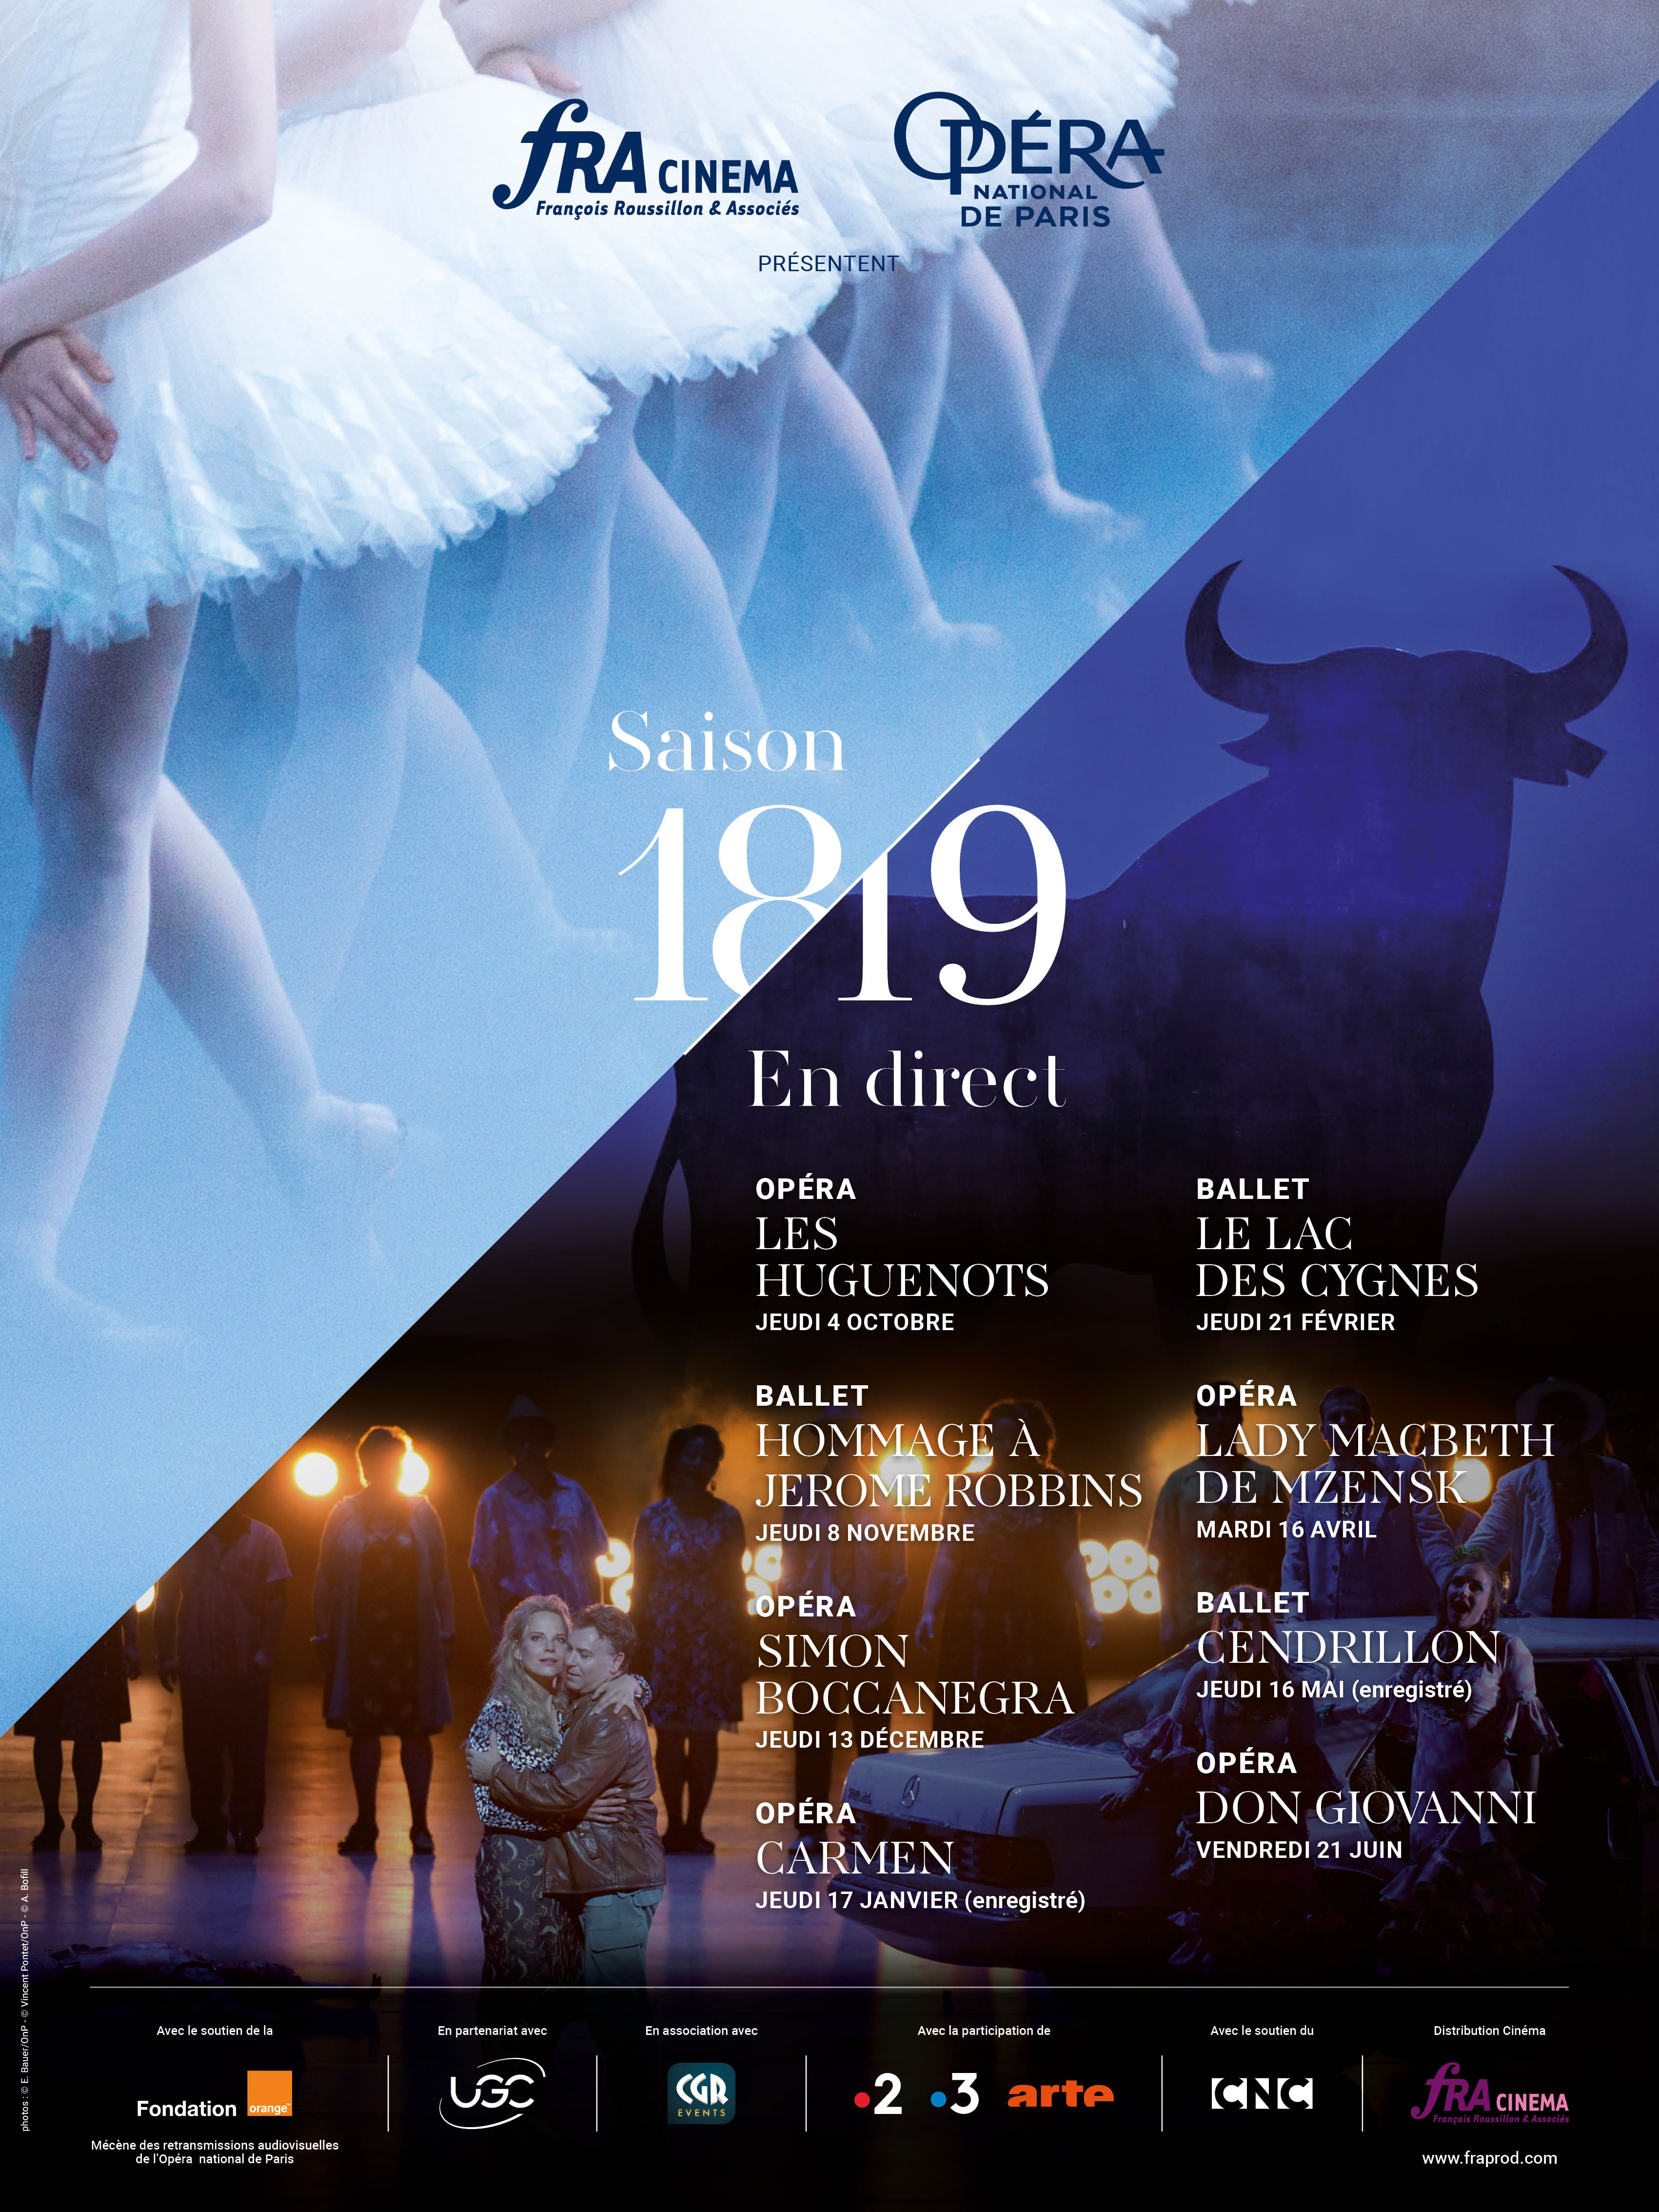 Don Giovanni (Opéra de Paris-FRA Cinéma)